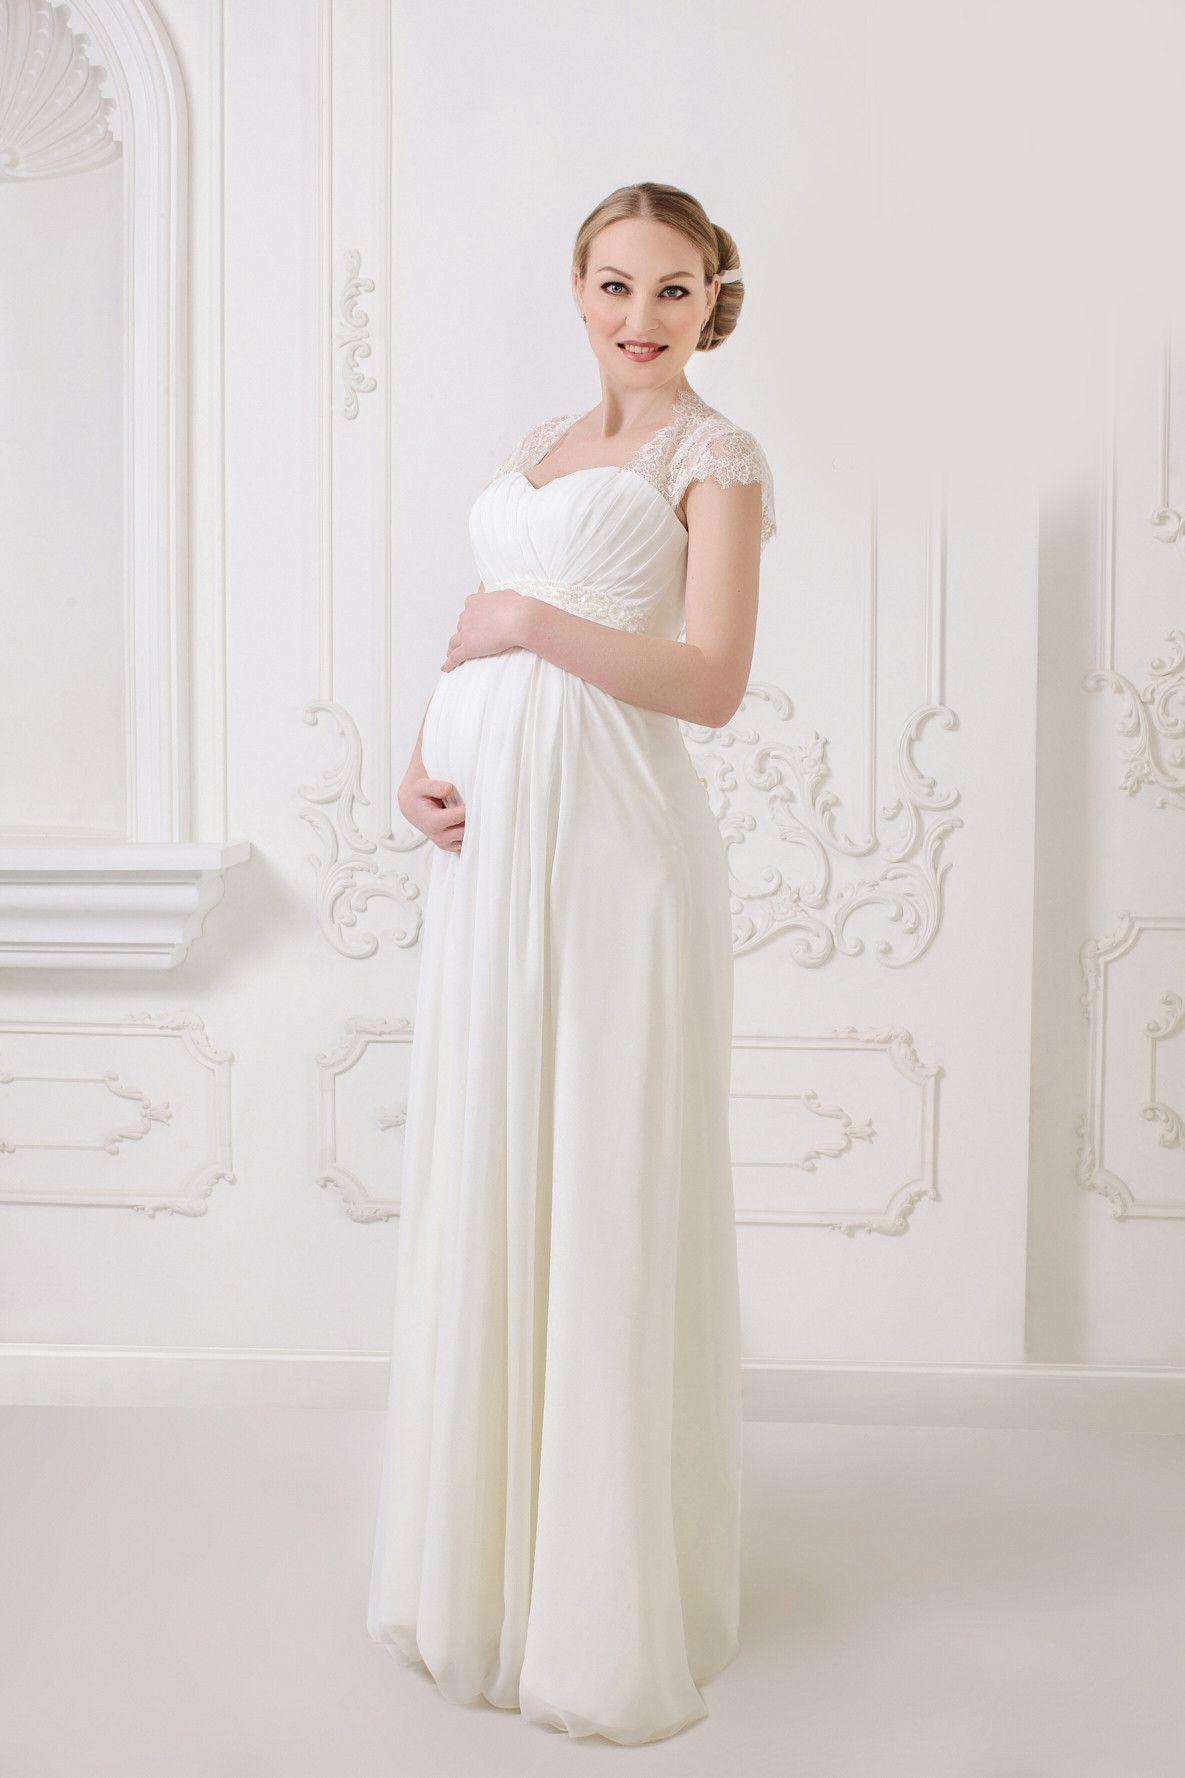 Long chiffon lace maternity wedding dress lace wedding dresses long chiffon lace maternity wedding dress ombrellifo Image collections